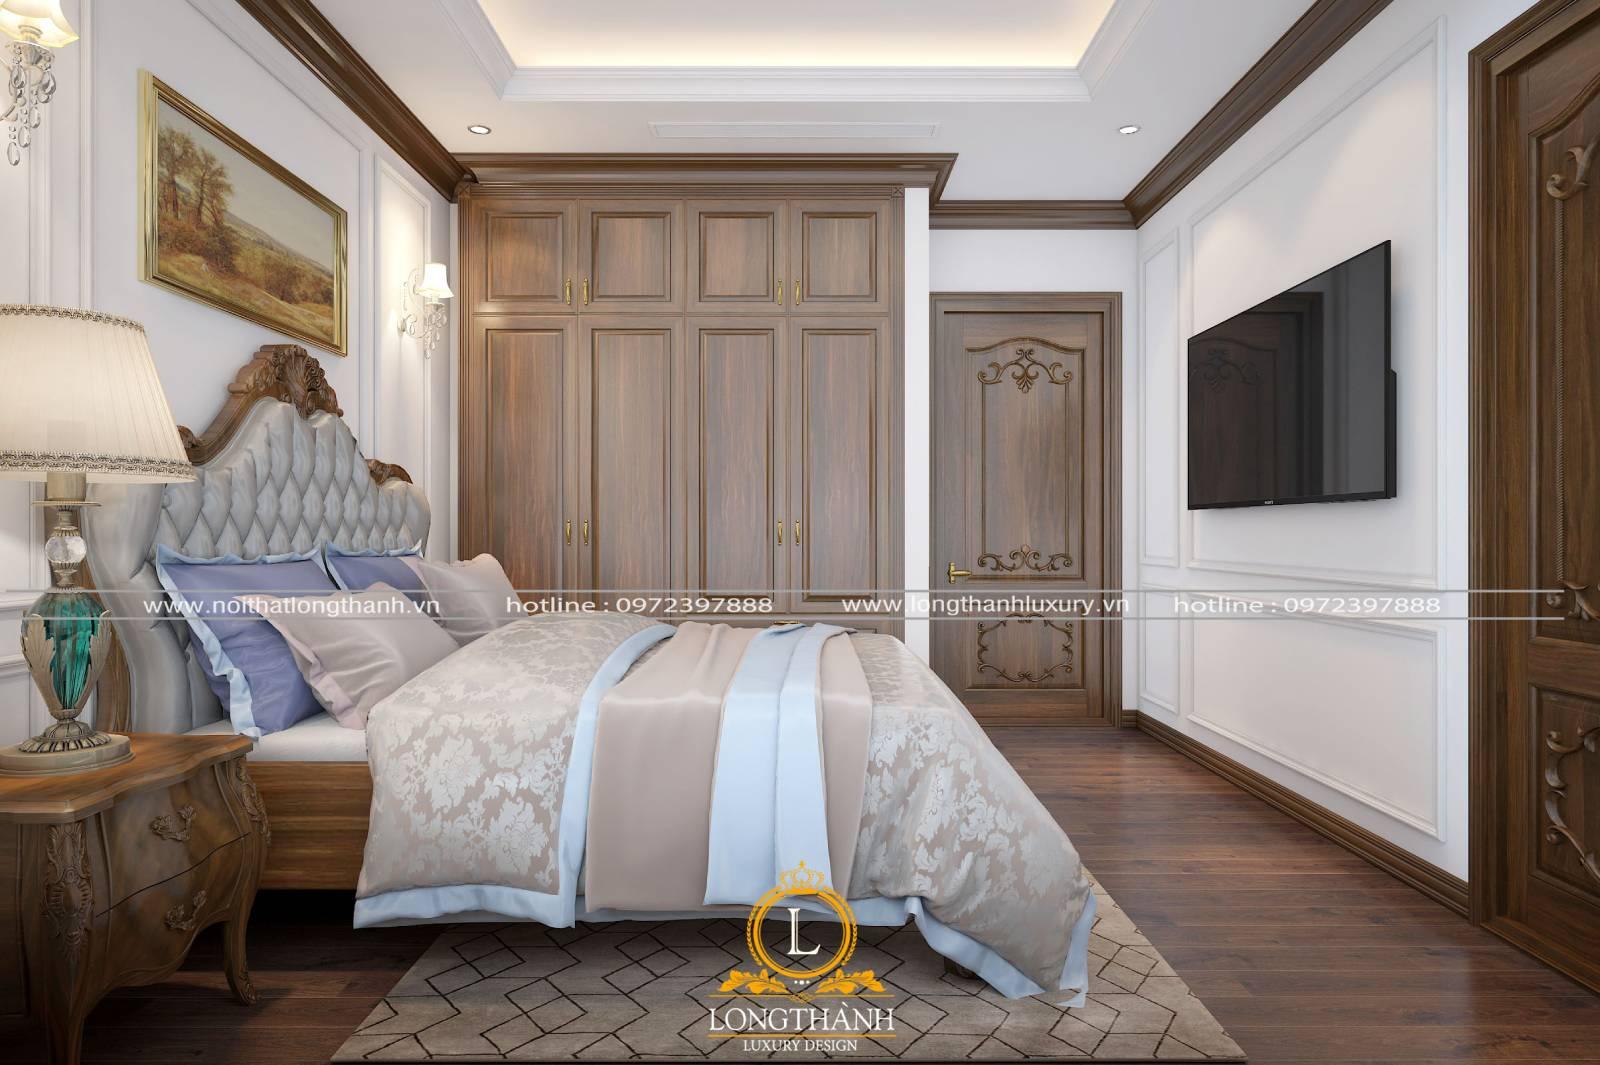 Bộ giường tủ phòng ngủ tân cổ điển được làm từ gỗ tự nhiên